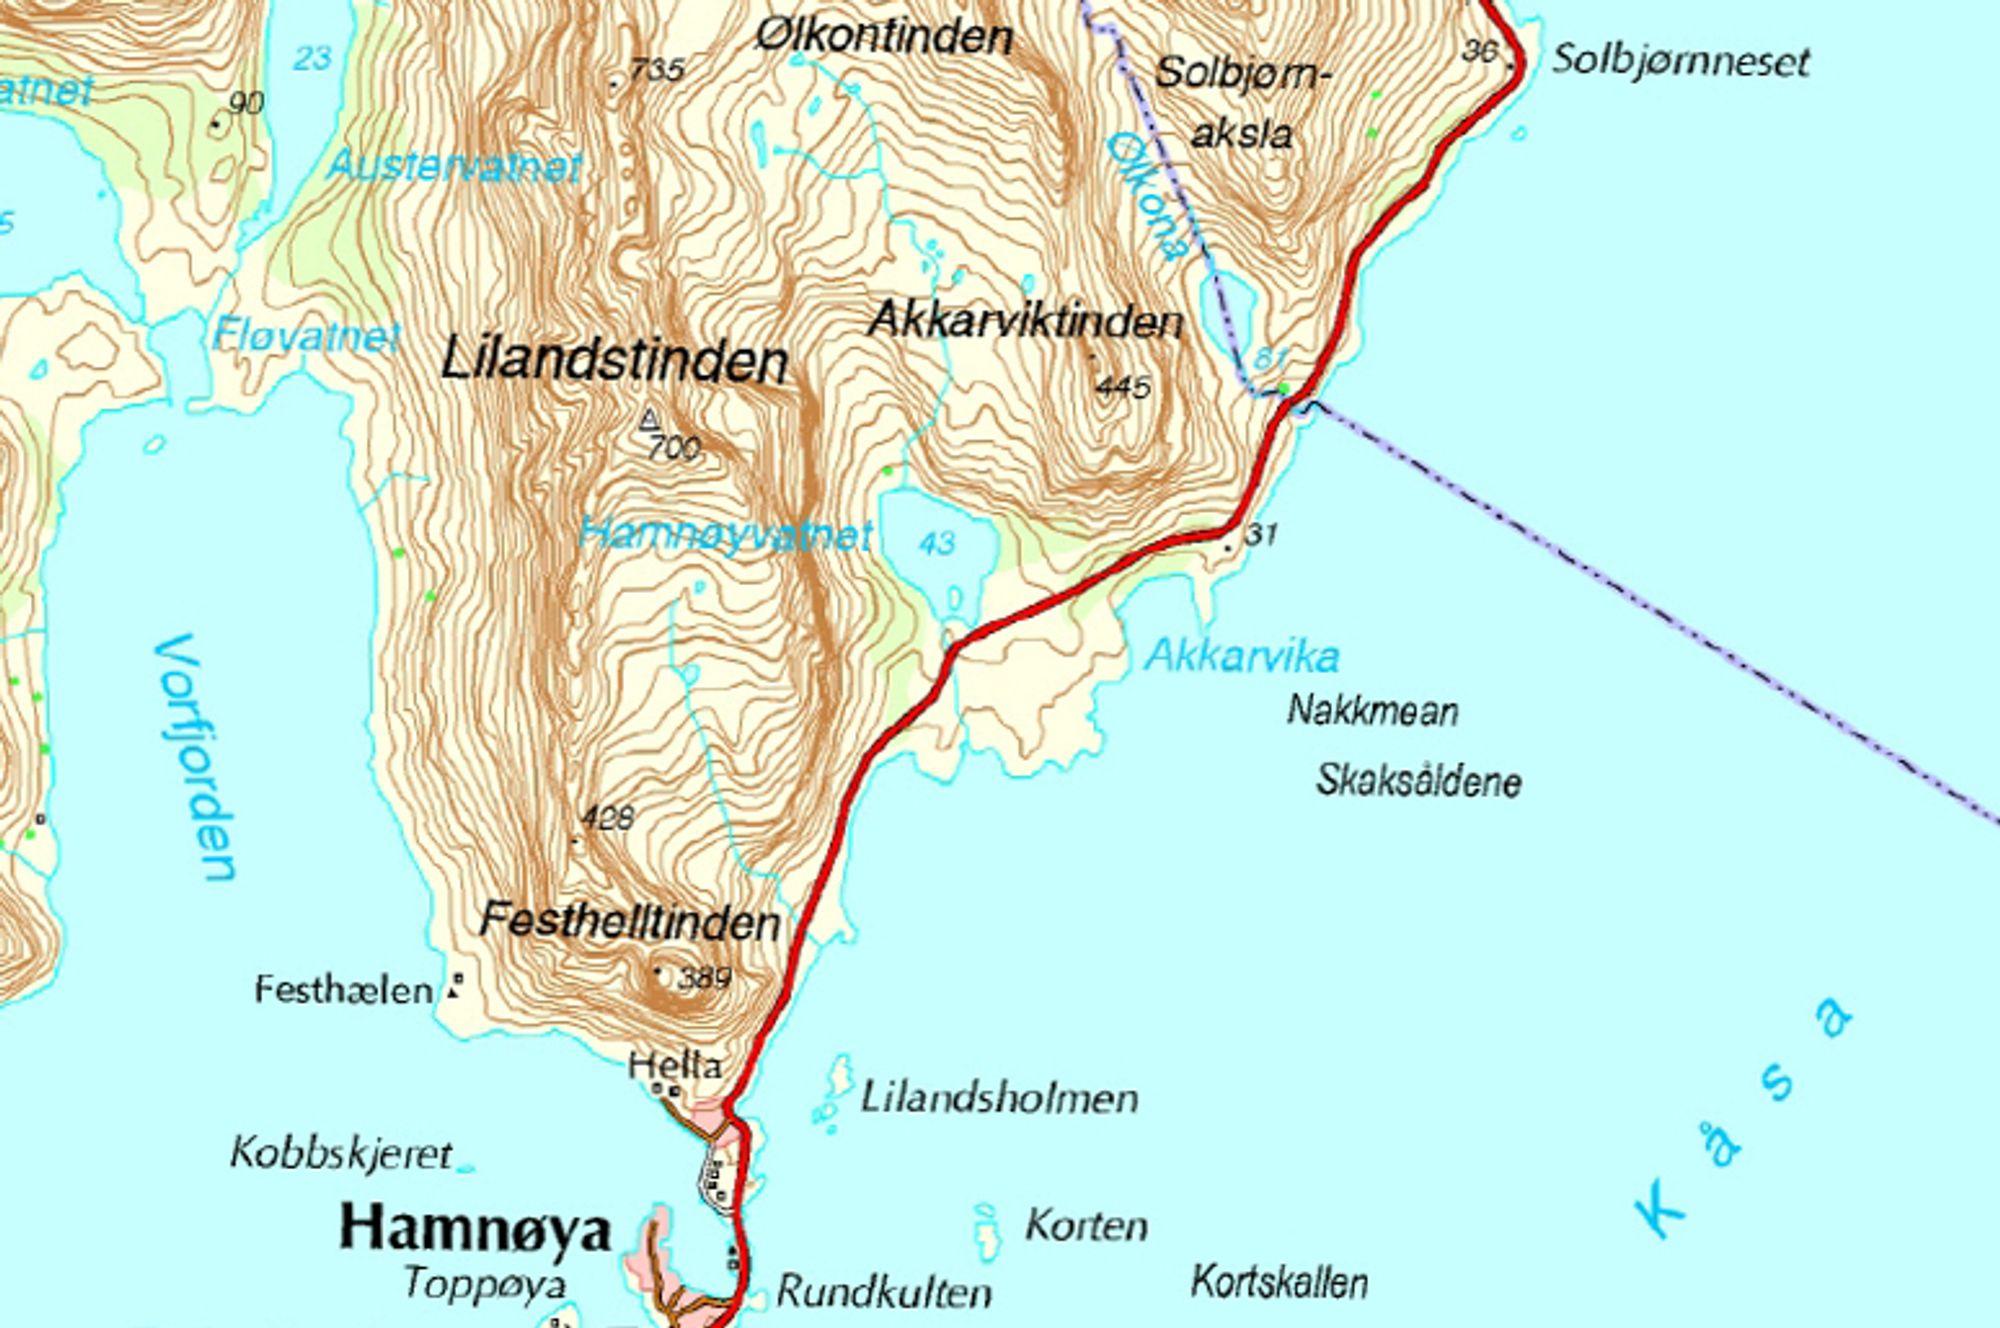 Tunnelen som er ute på anbud nå, skal gå nordover fra Hamnøya nederst på kartet. I løpet av 2014 skal hele E 10-strekningen fra Hamnøya til Solbjørnneset oppe til venstre være sikret mot ras. Ill.: Statens vegvesen